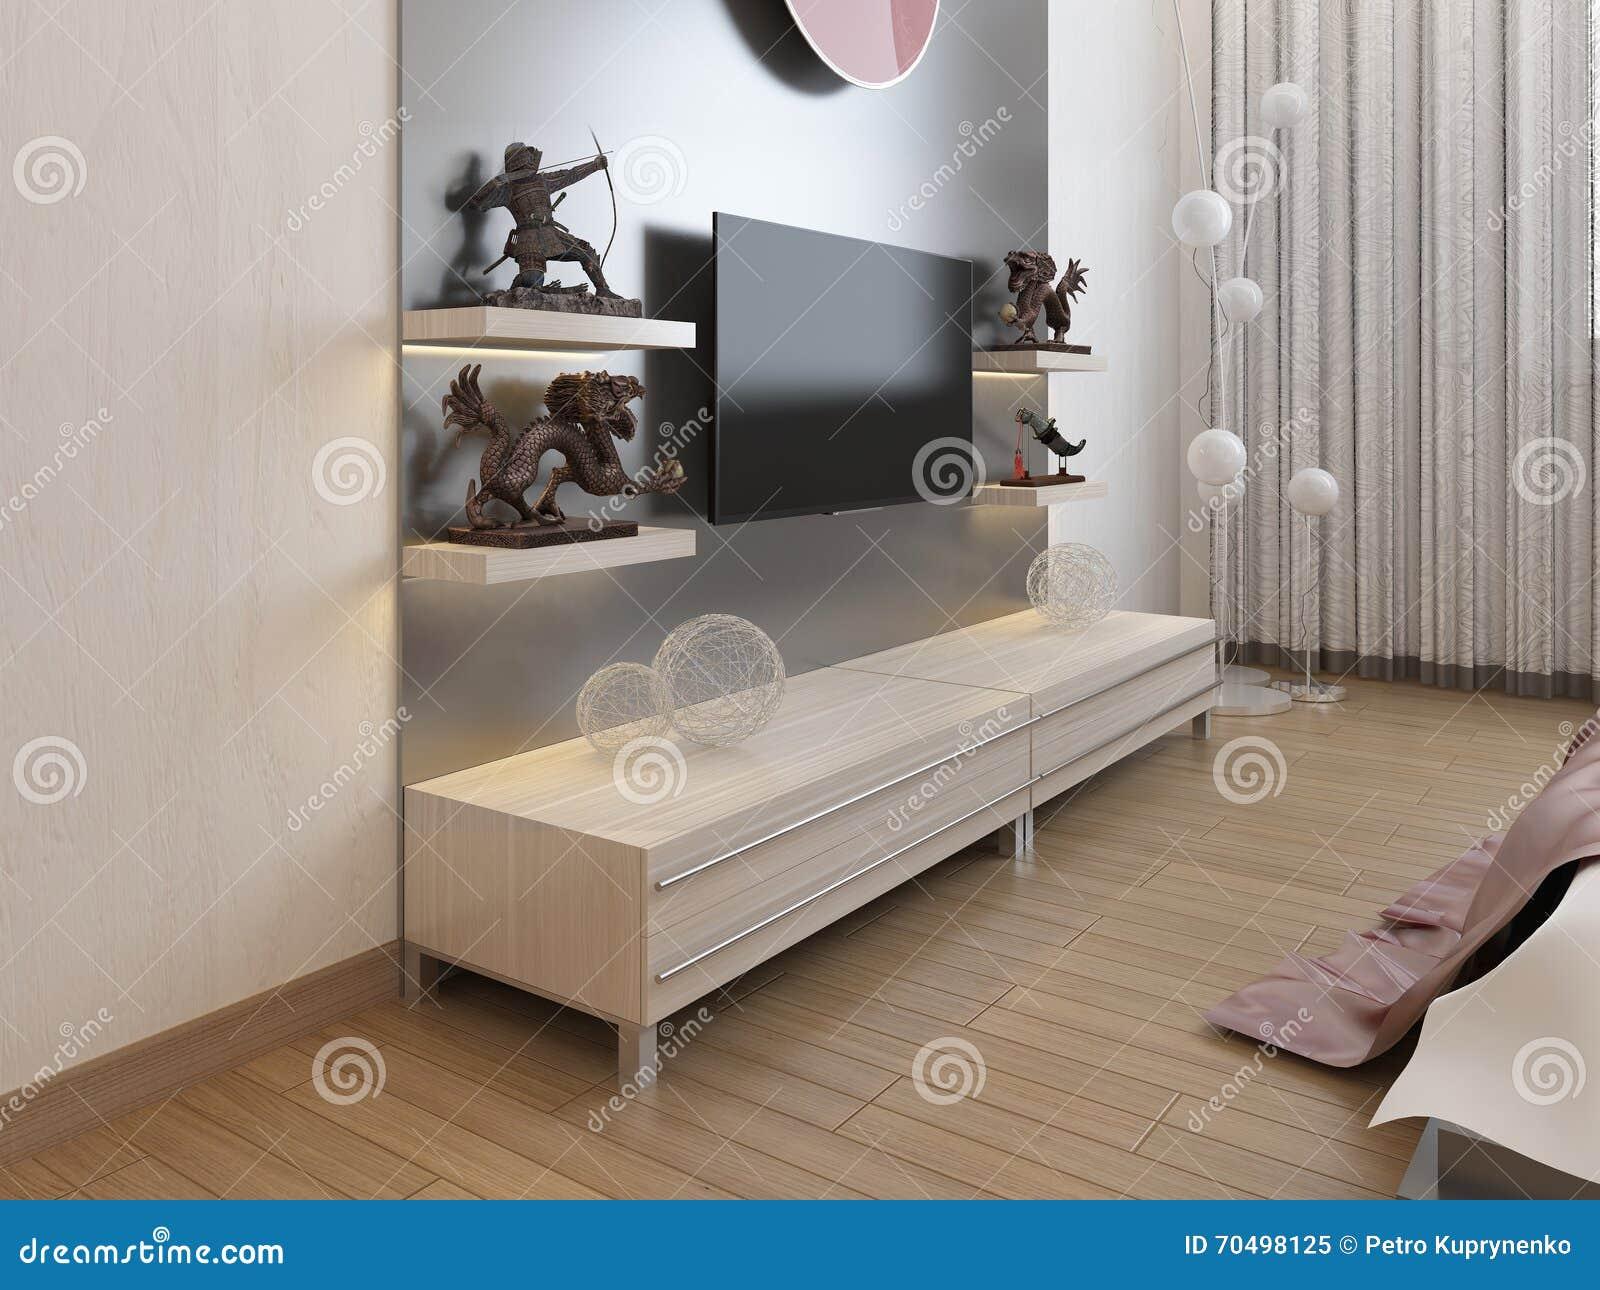 Kast Onder Tv.Tv Planken En Een Kast Onder Tv In De Slaapkamer Stock Illustratie